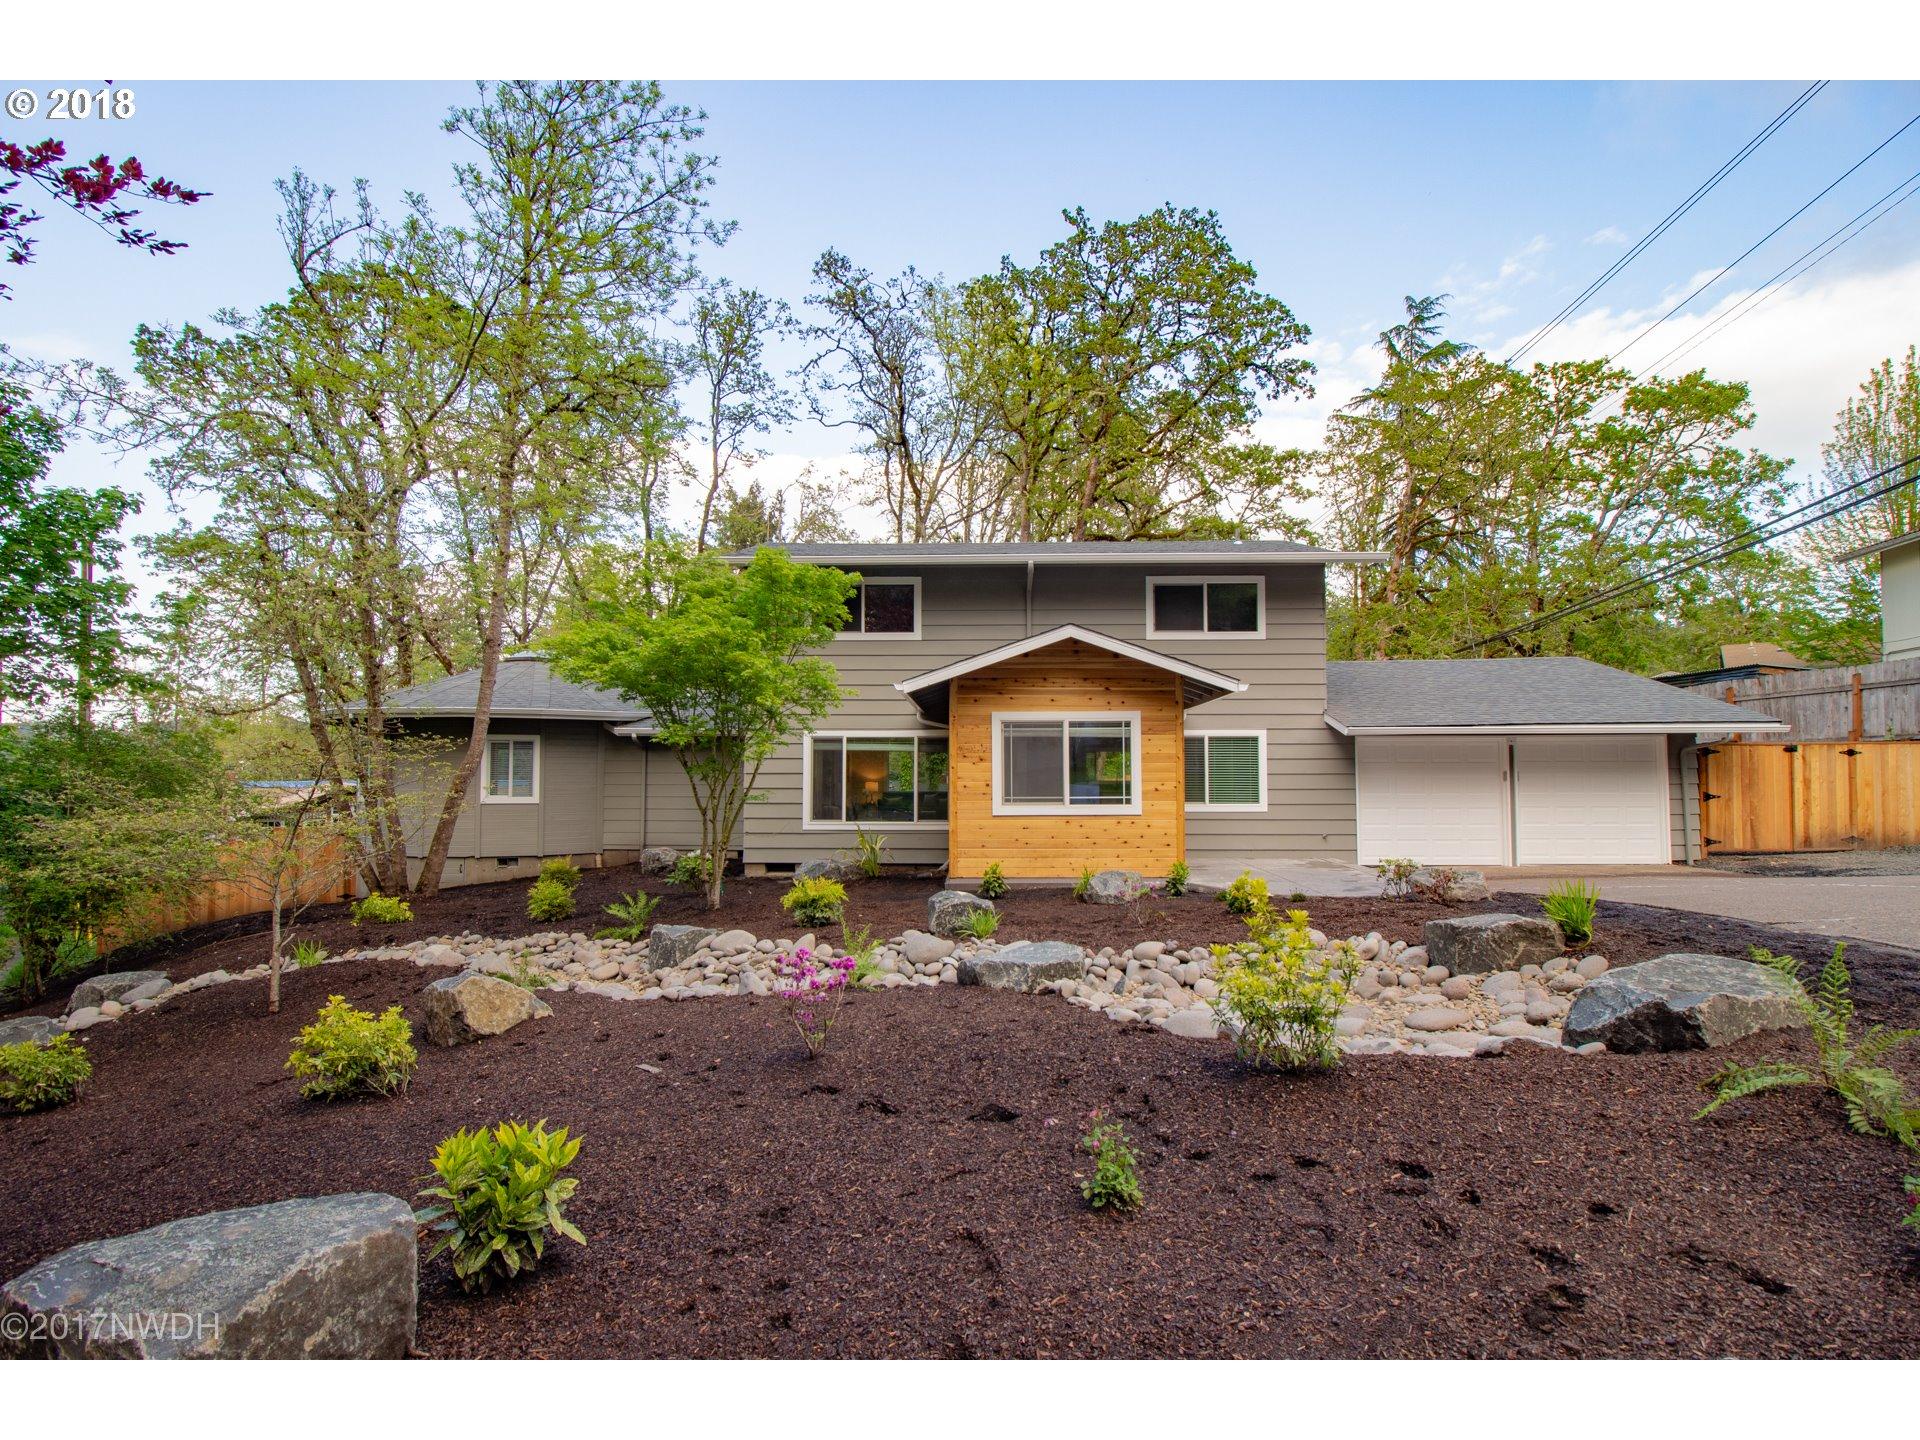 Eugene 5 Bedroom Home For Sale